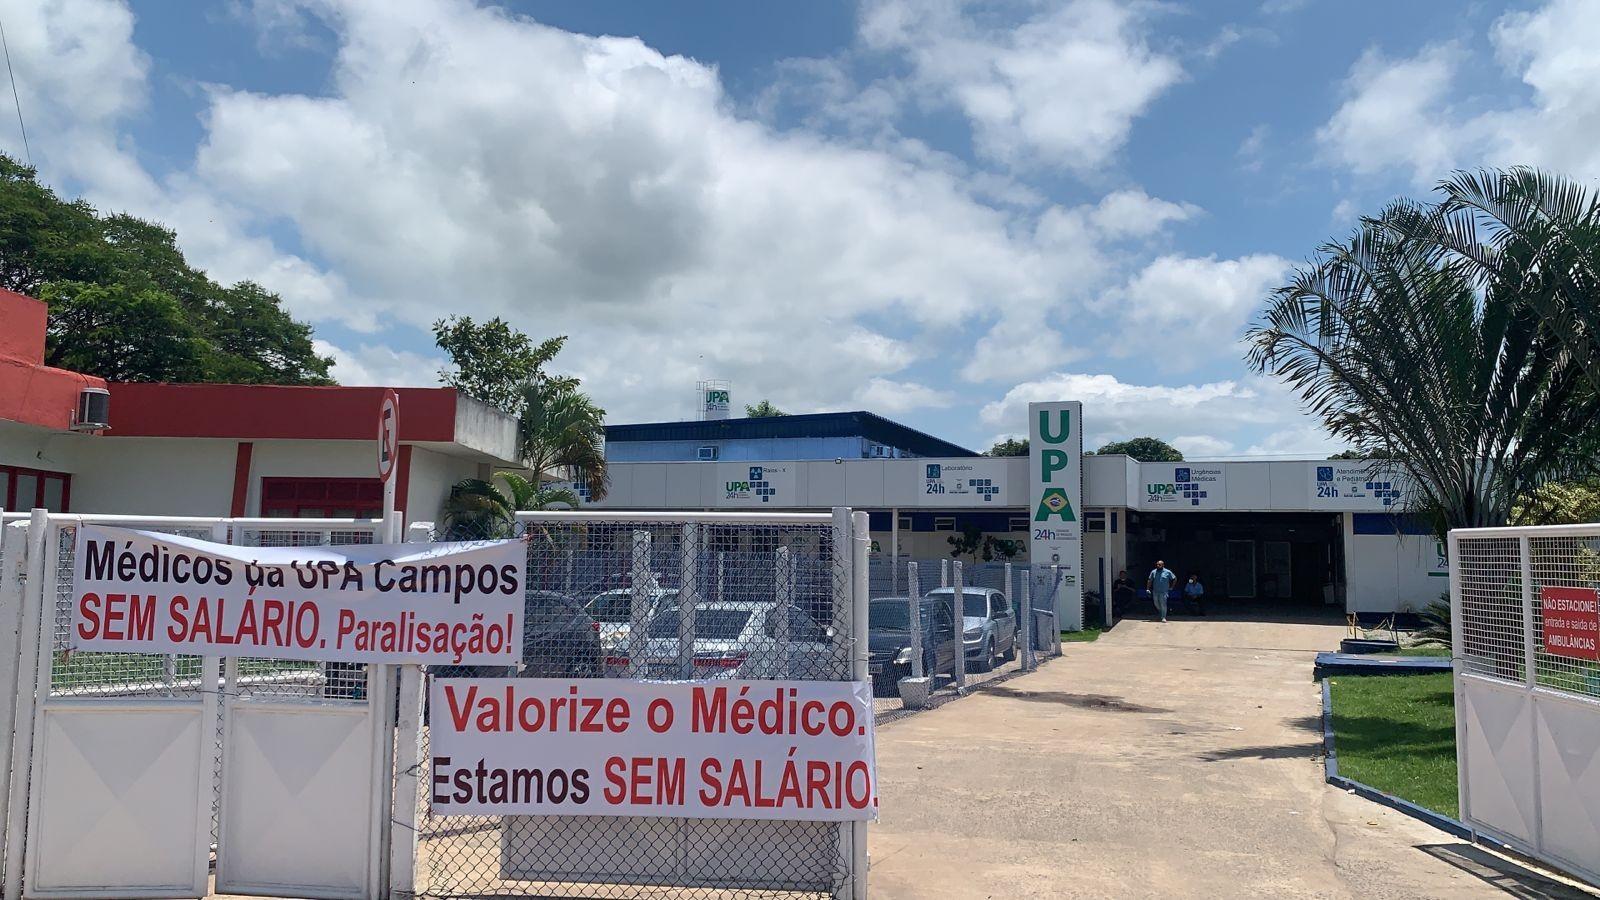 Médicos da UPA em Campos, RJ, paralisam atendimentos ambulatoriais em protesto por atrasos no salário